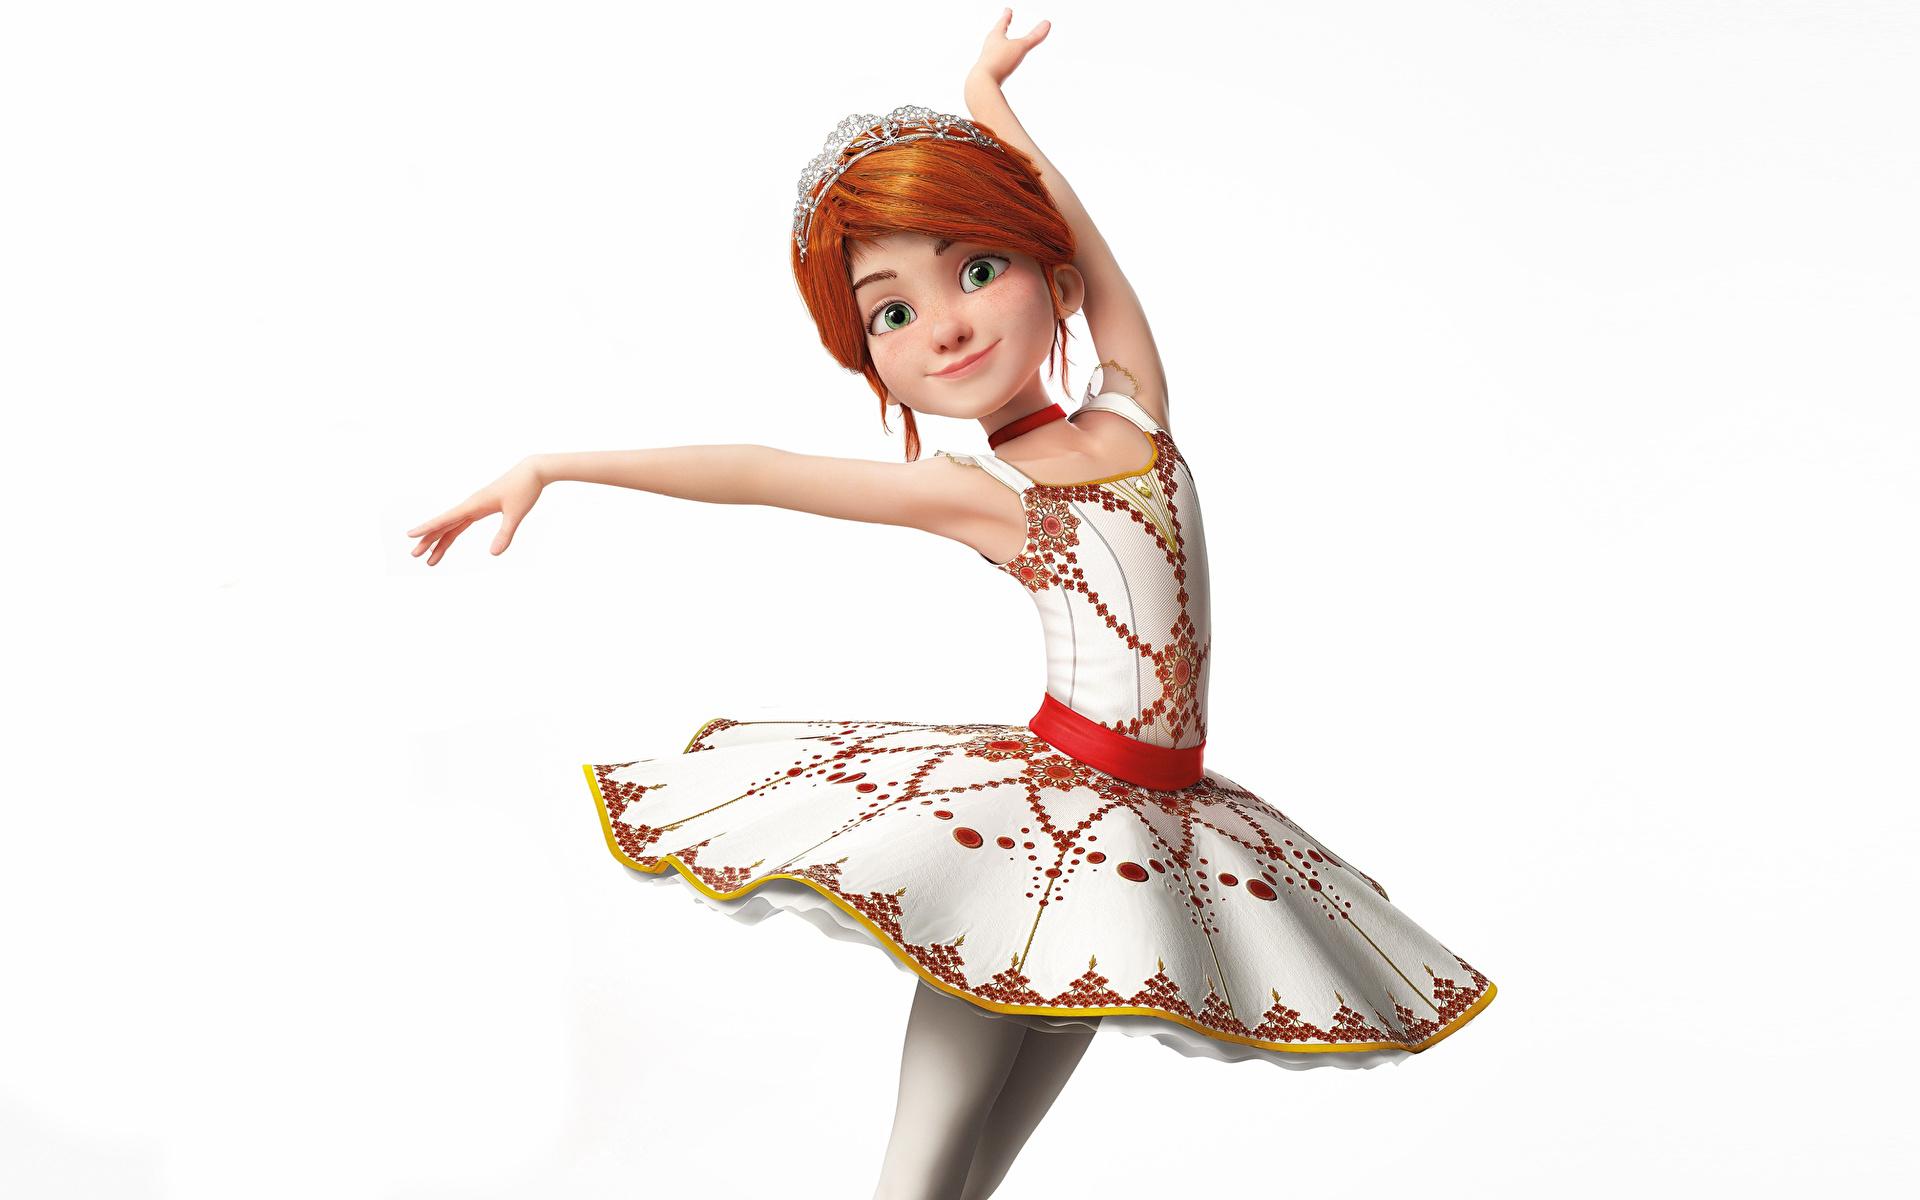 Фото Рыжая балета Balerina (Felis) позирует девушка Мультики 3D Графика Белый фон Платье 1920x1200 рыжие рыжих Балет балете Поза 3д мультик Девушки Мультфильмы молодая женщина молодые женщины белом фоне белым фоном платья